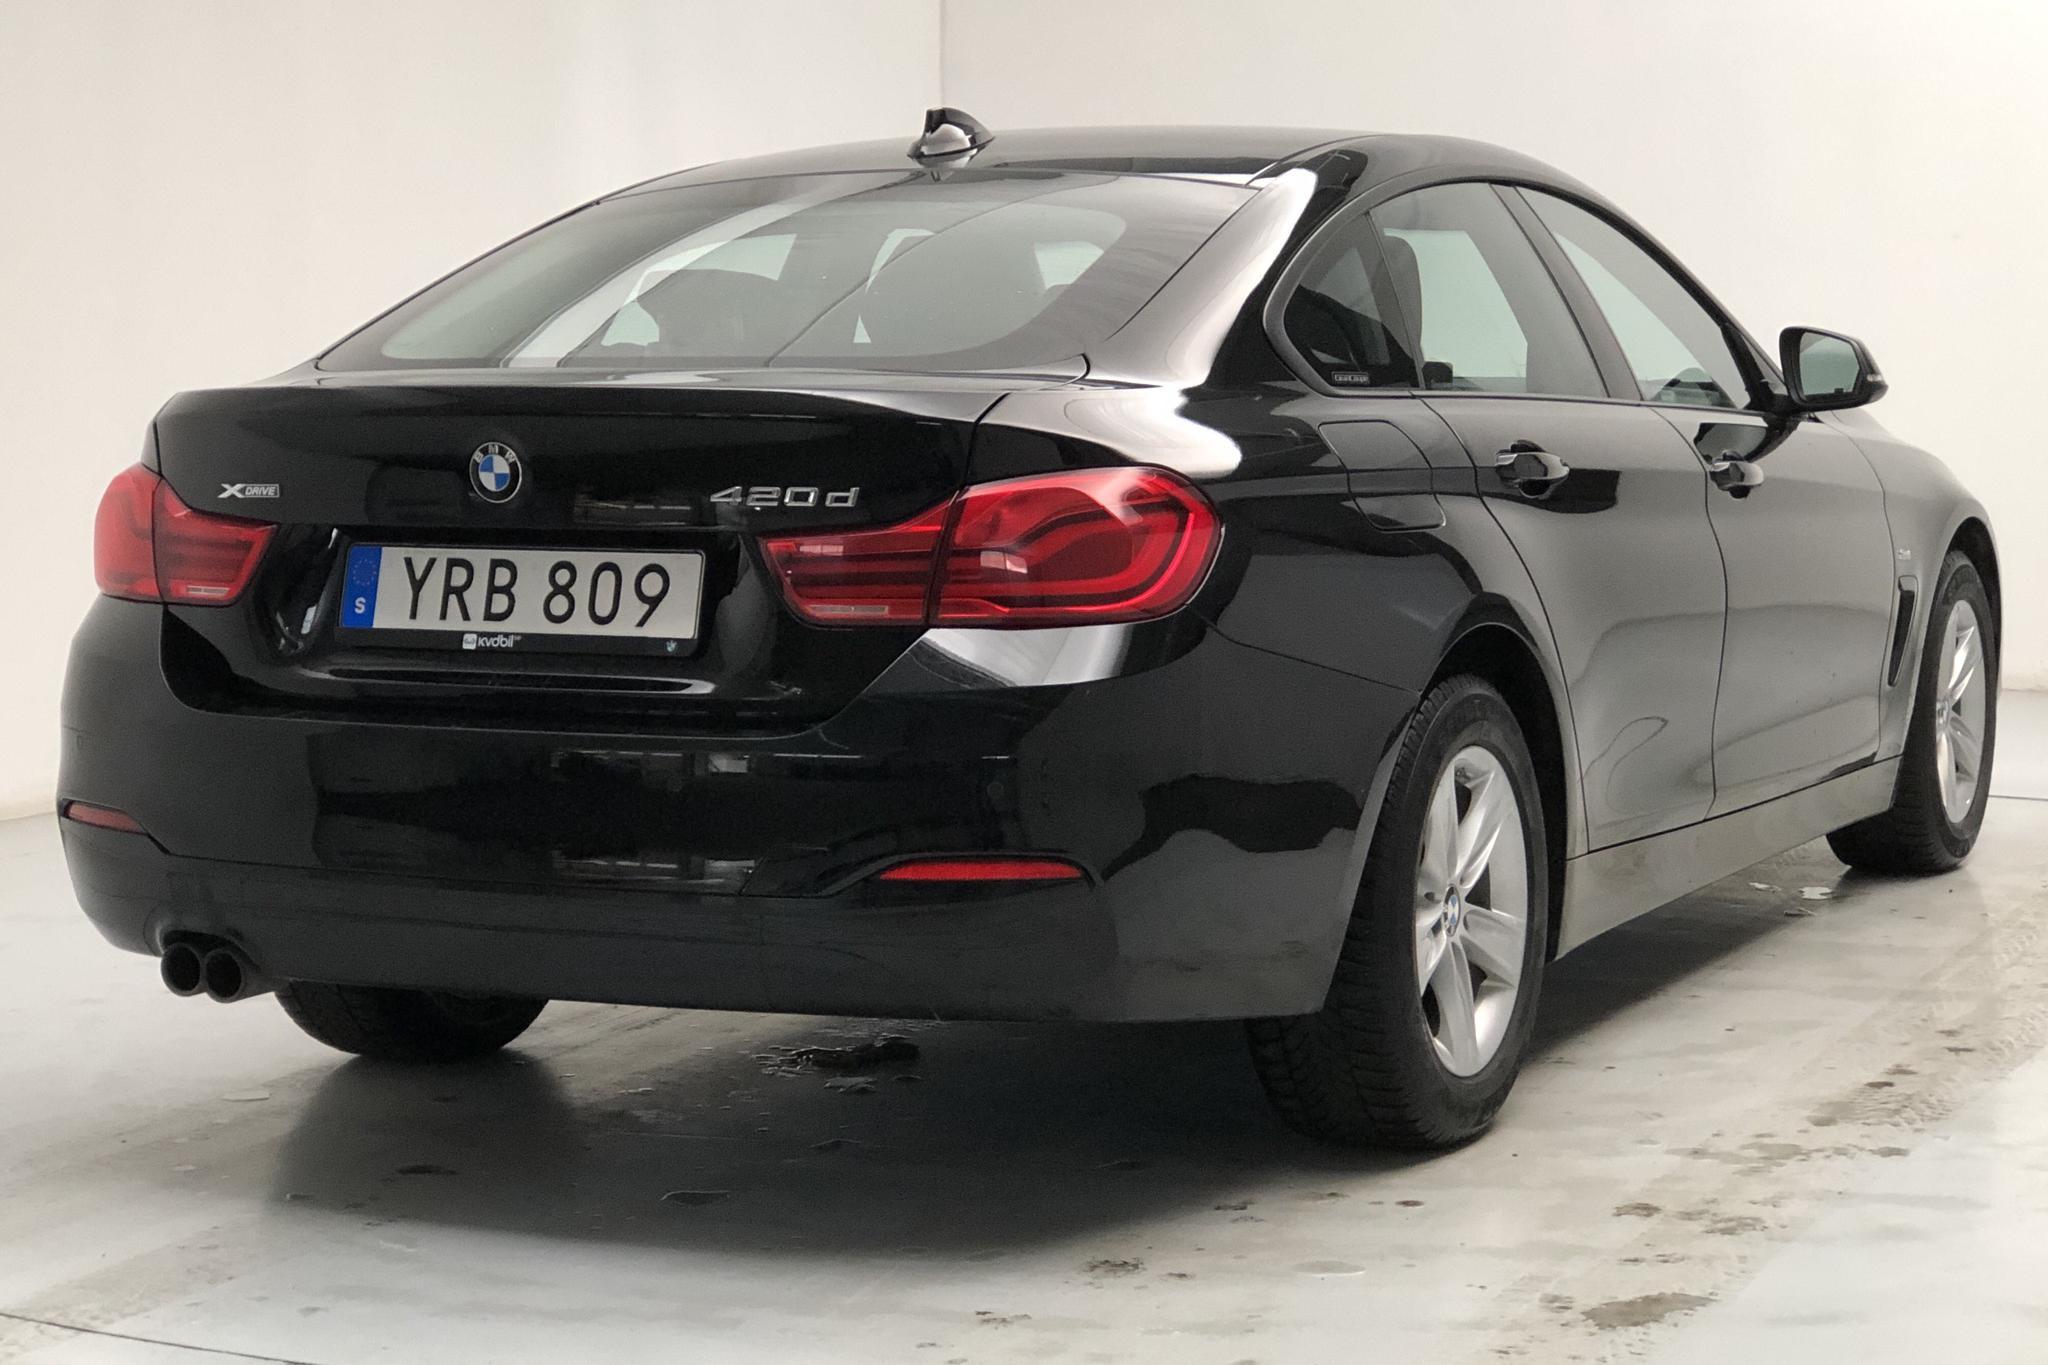 BMW 420d xDrive Gran Coupé, F36 (190hk) - 73 720 km - Automatic - black - 2018